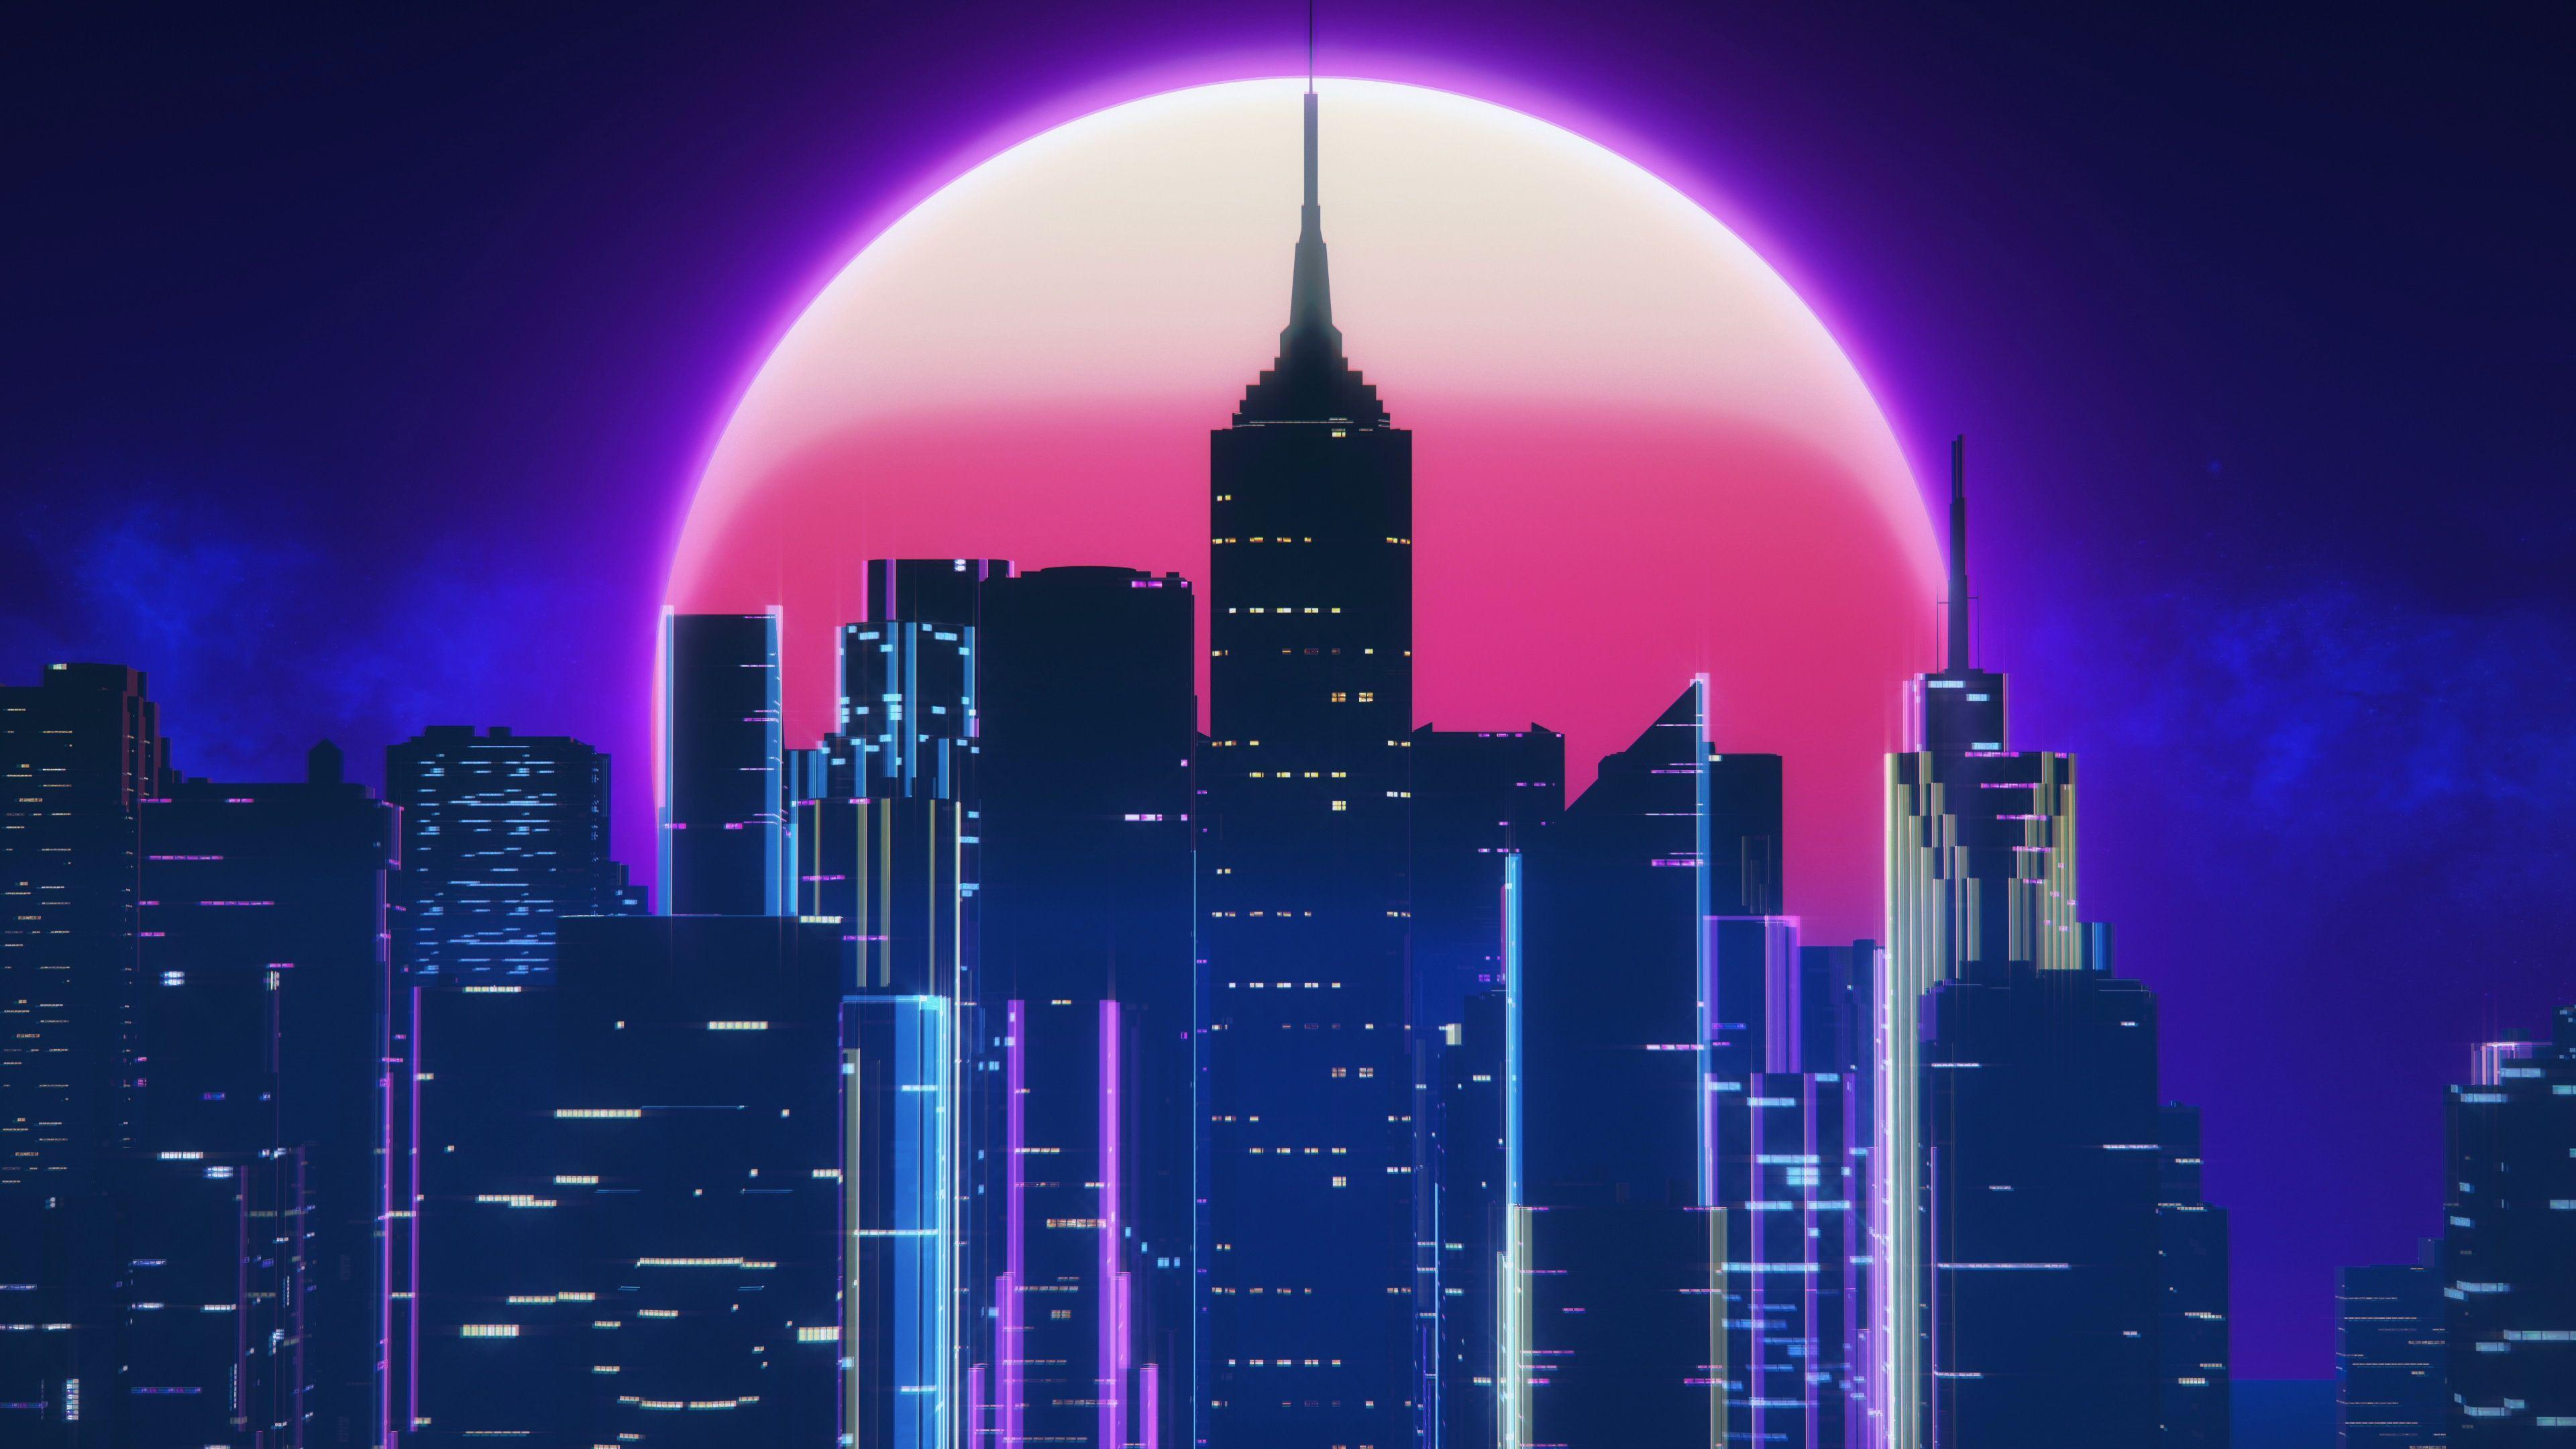 3840x2160 Synthwave City Retro Neon 4k, Nghệ sĩ HD, Hình nền 4k, Hình ảnh